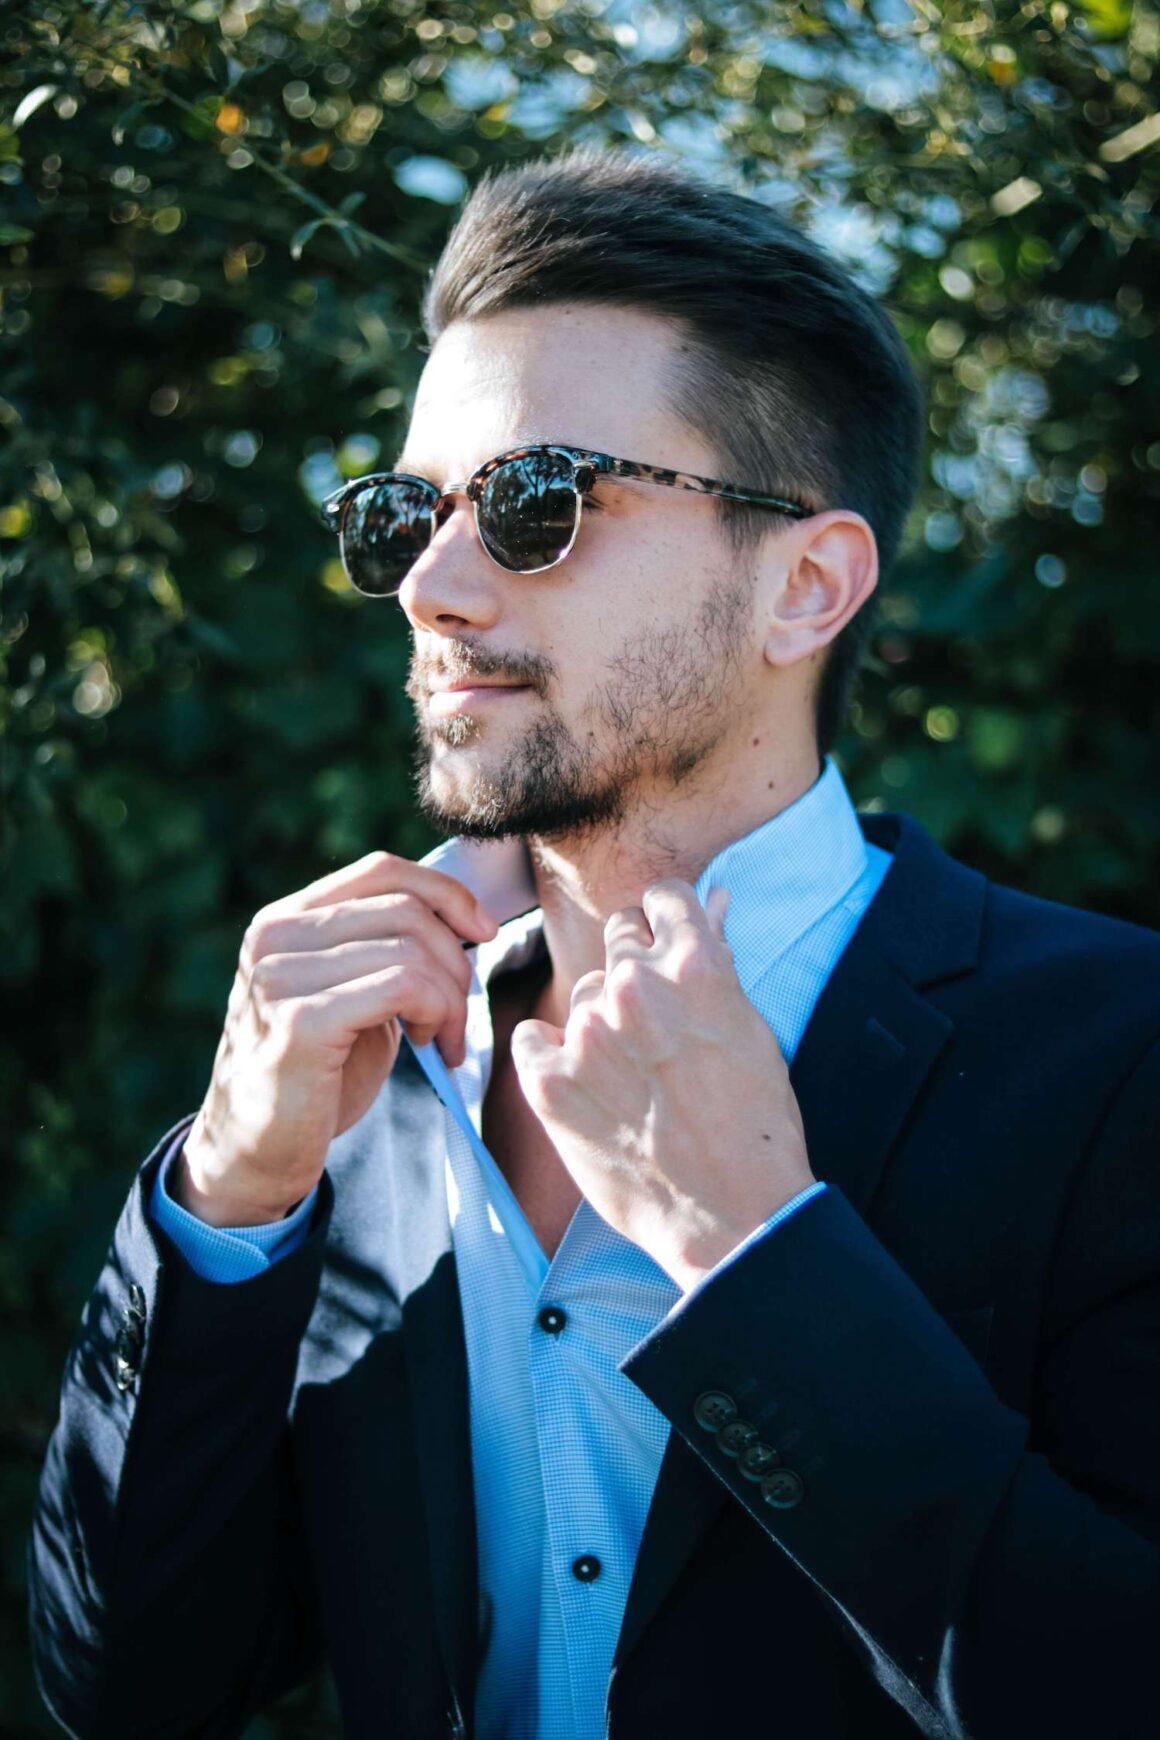 Czy ekskluzywne i eleganckie stylizacje męskie odeszły do lamusa?